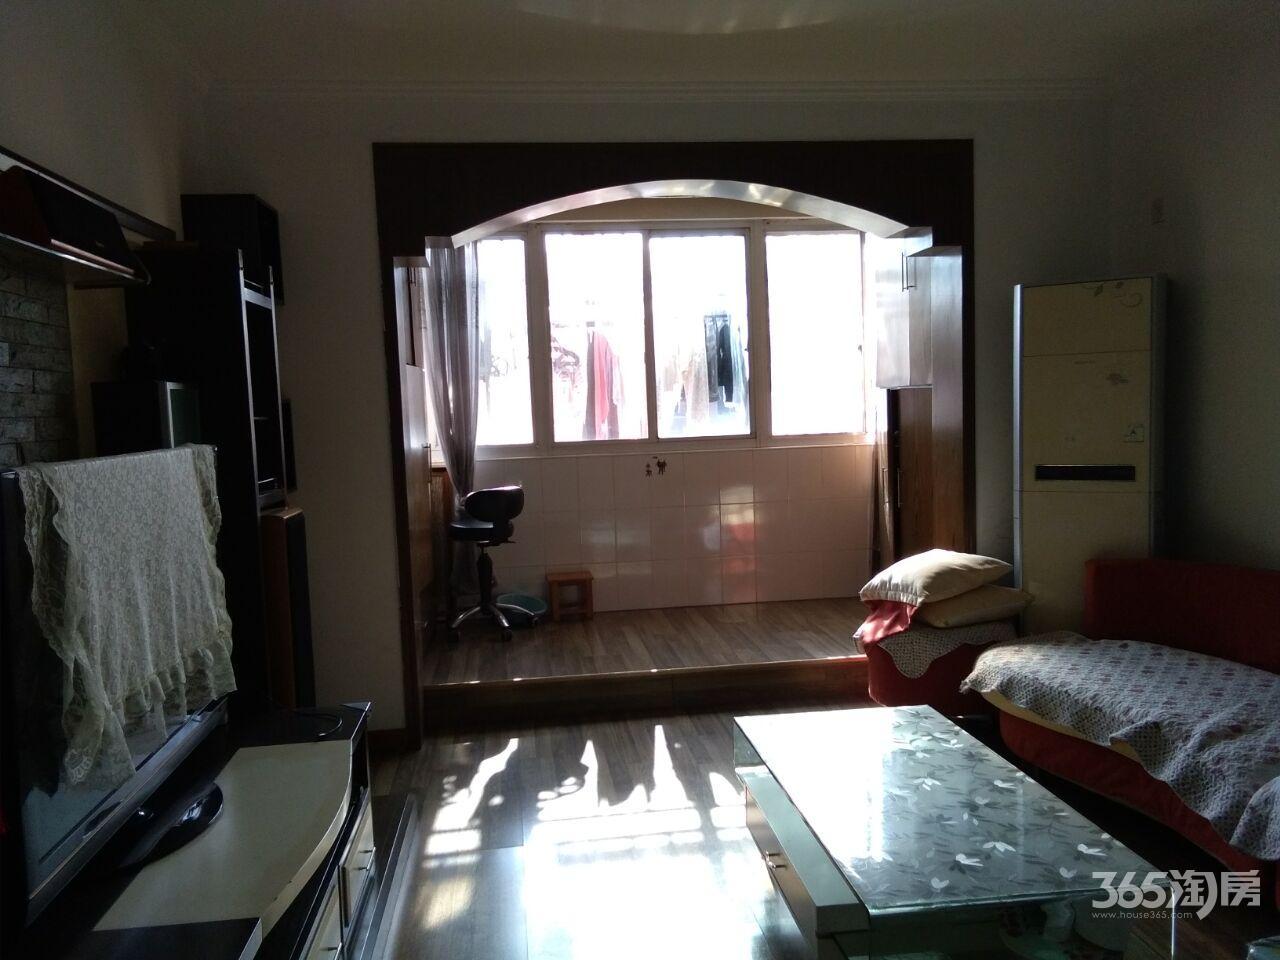 樱驼花园华桥新村紫沁苑2室2厅1卫92平方产权房精装